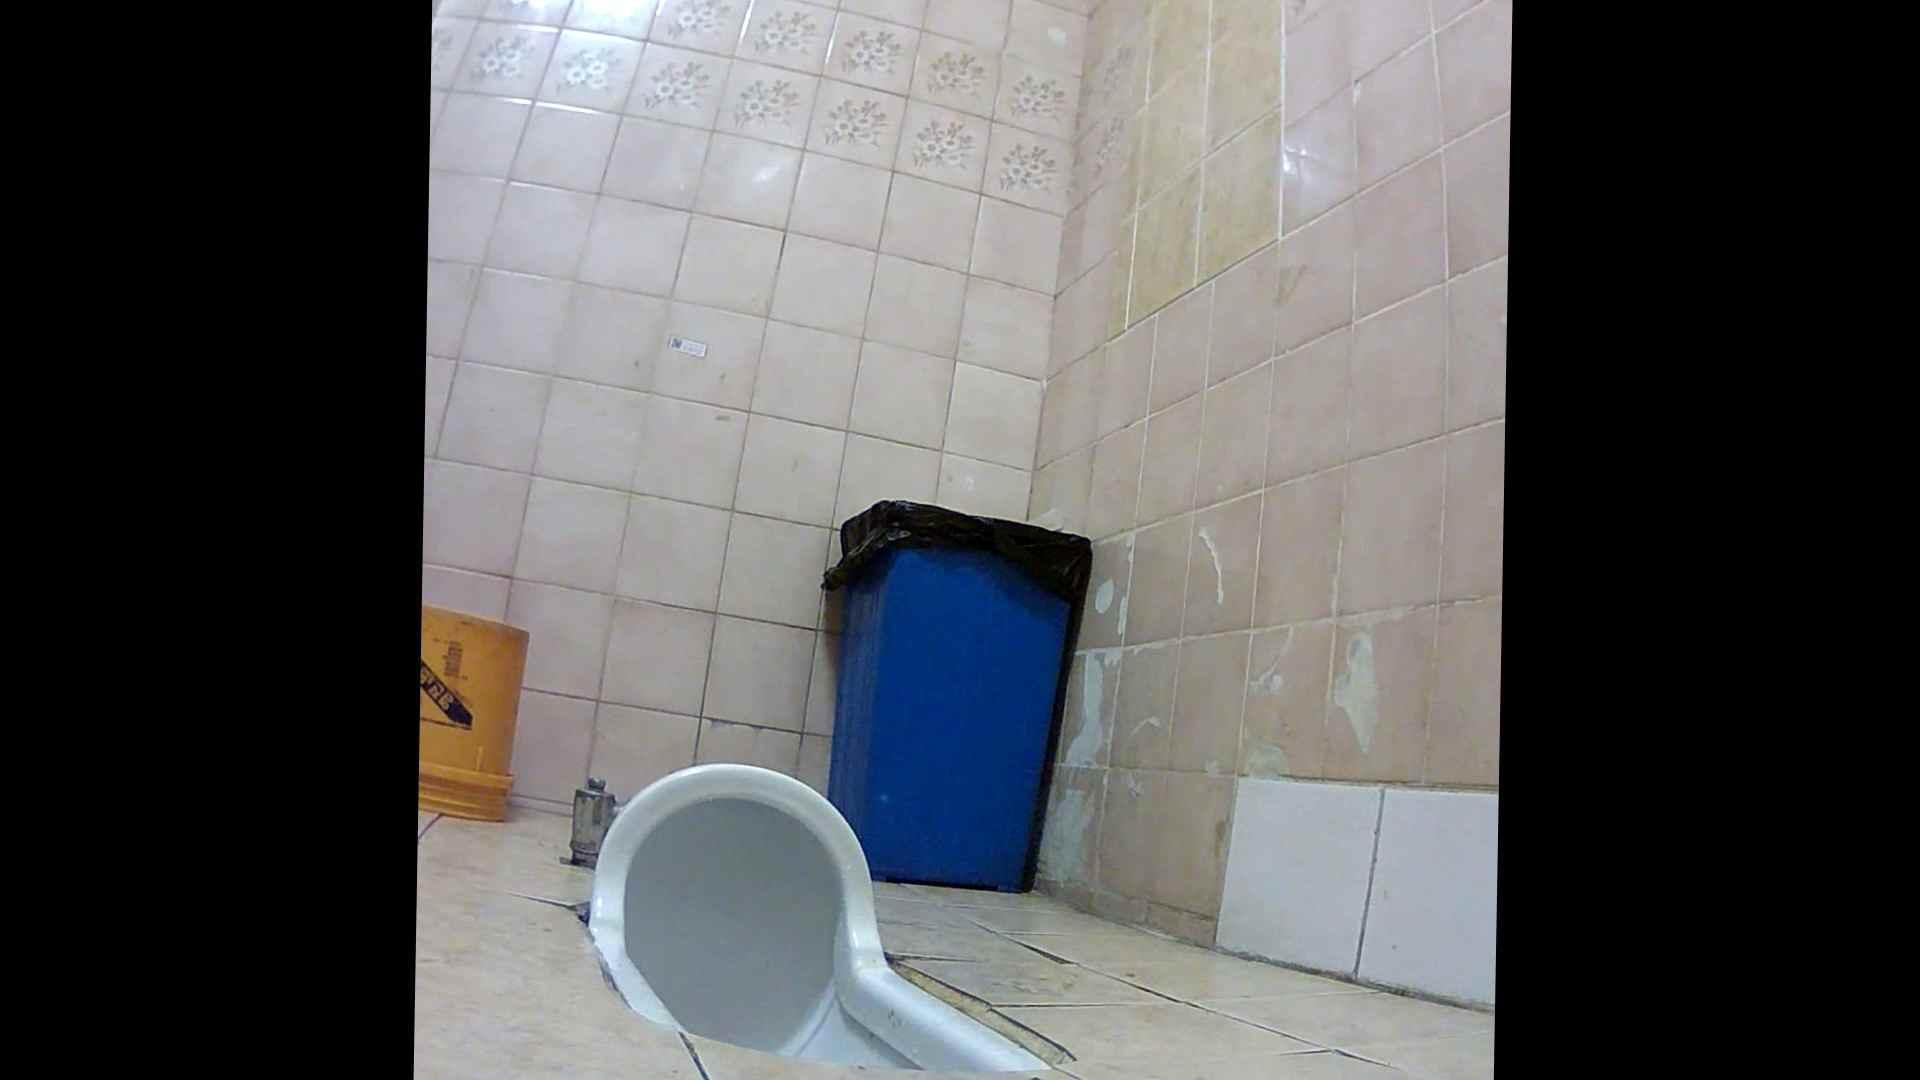 潜入!!韓国秘密のトイレ!Vol.16 すけべなOL | 潜入報告  105画像 29